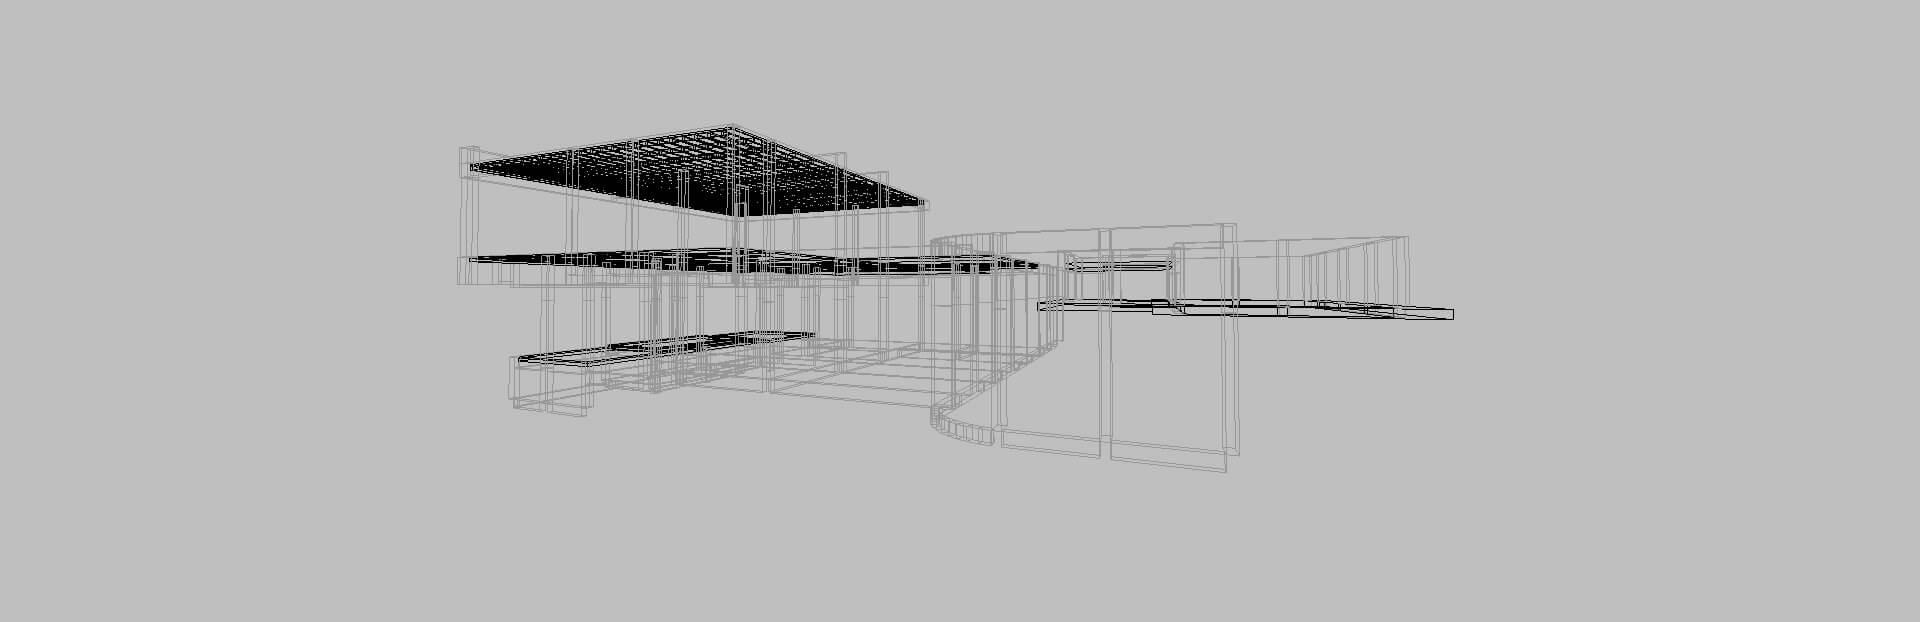 Desenvolvedora de Projetos de Alvenaria Estrutural